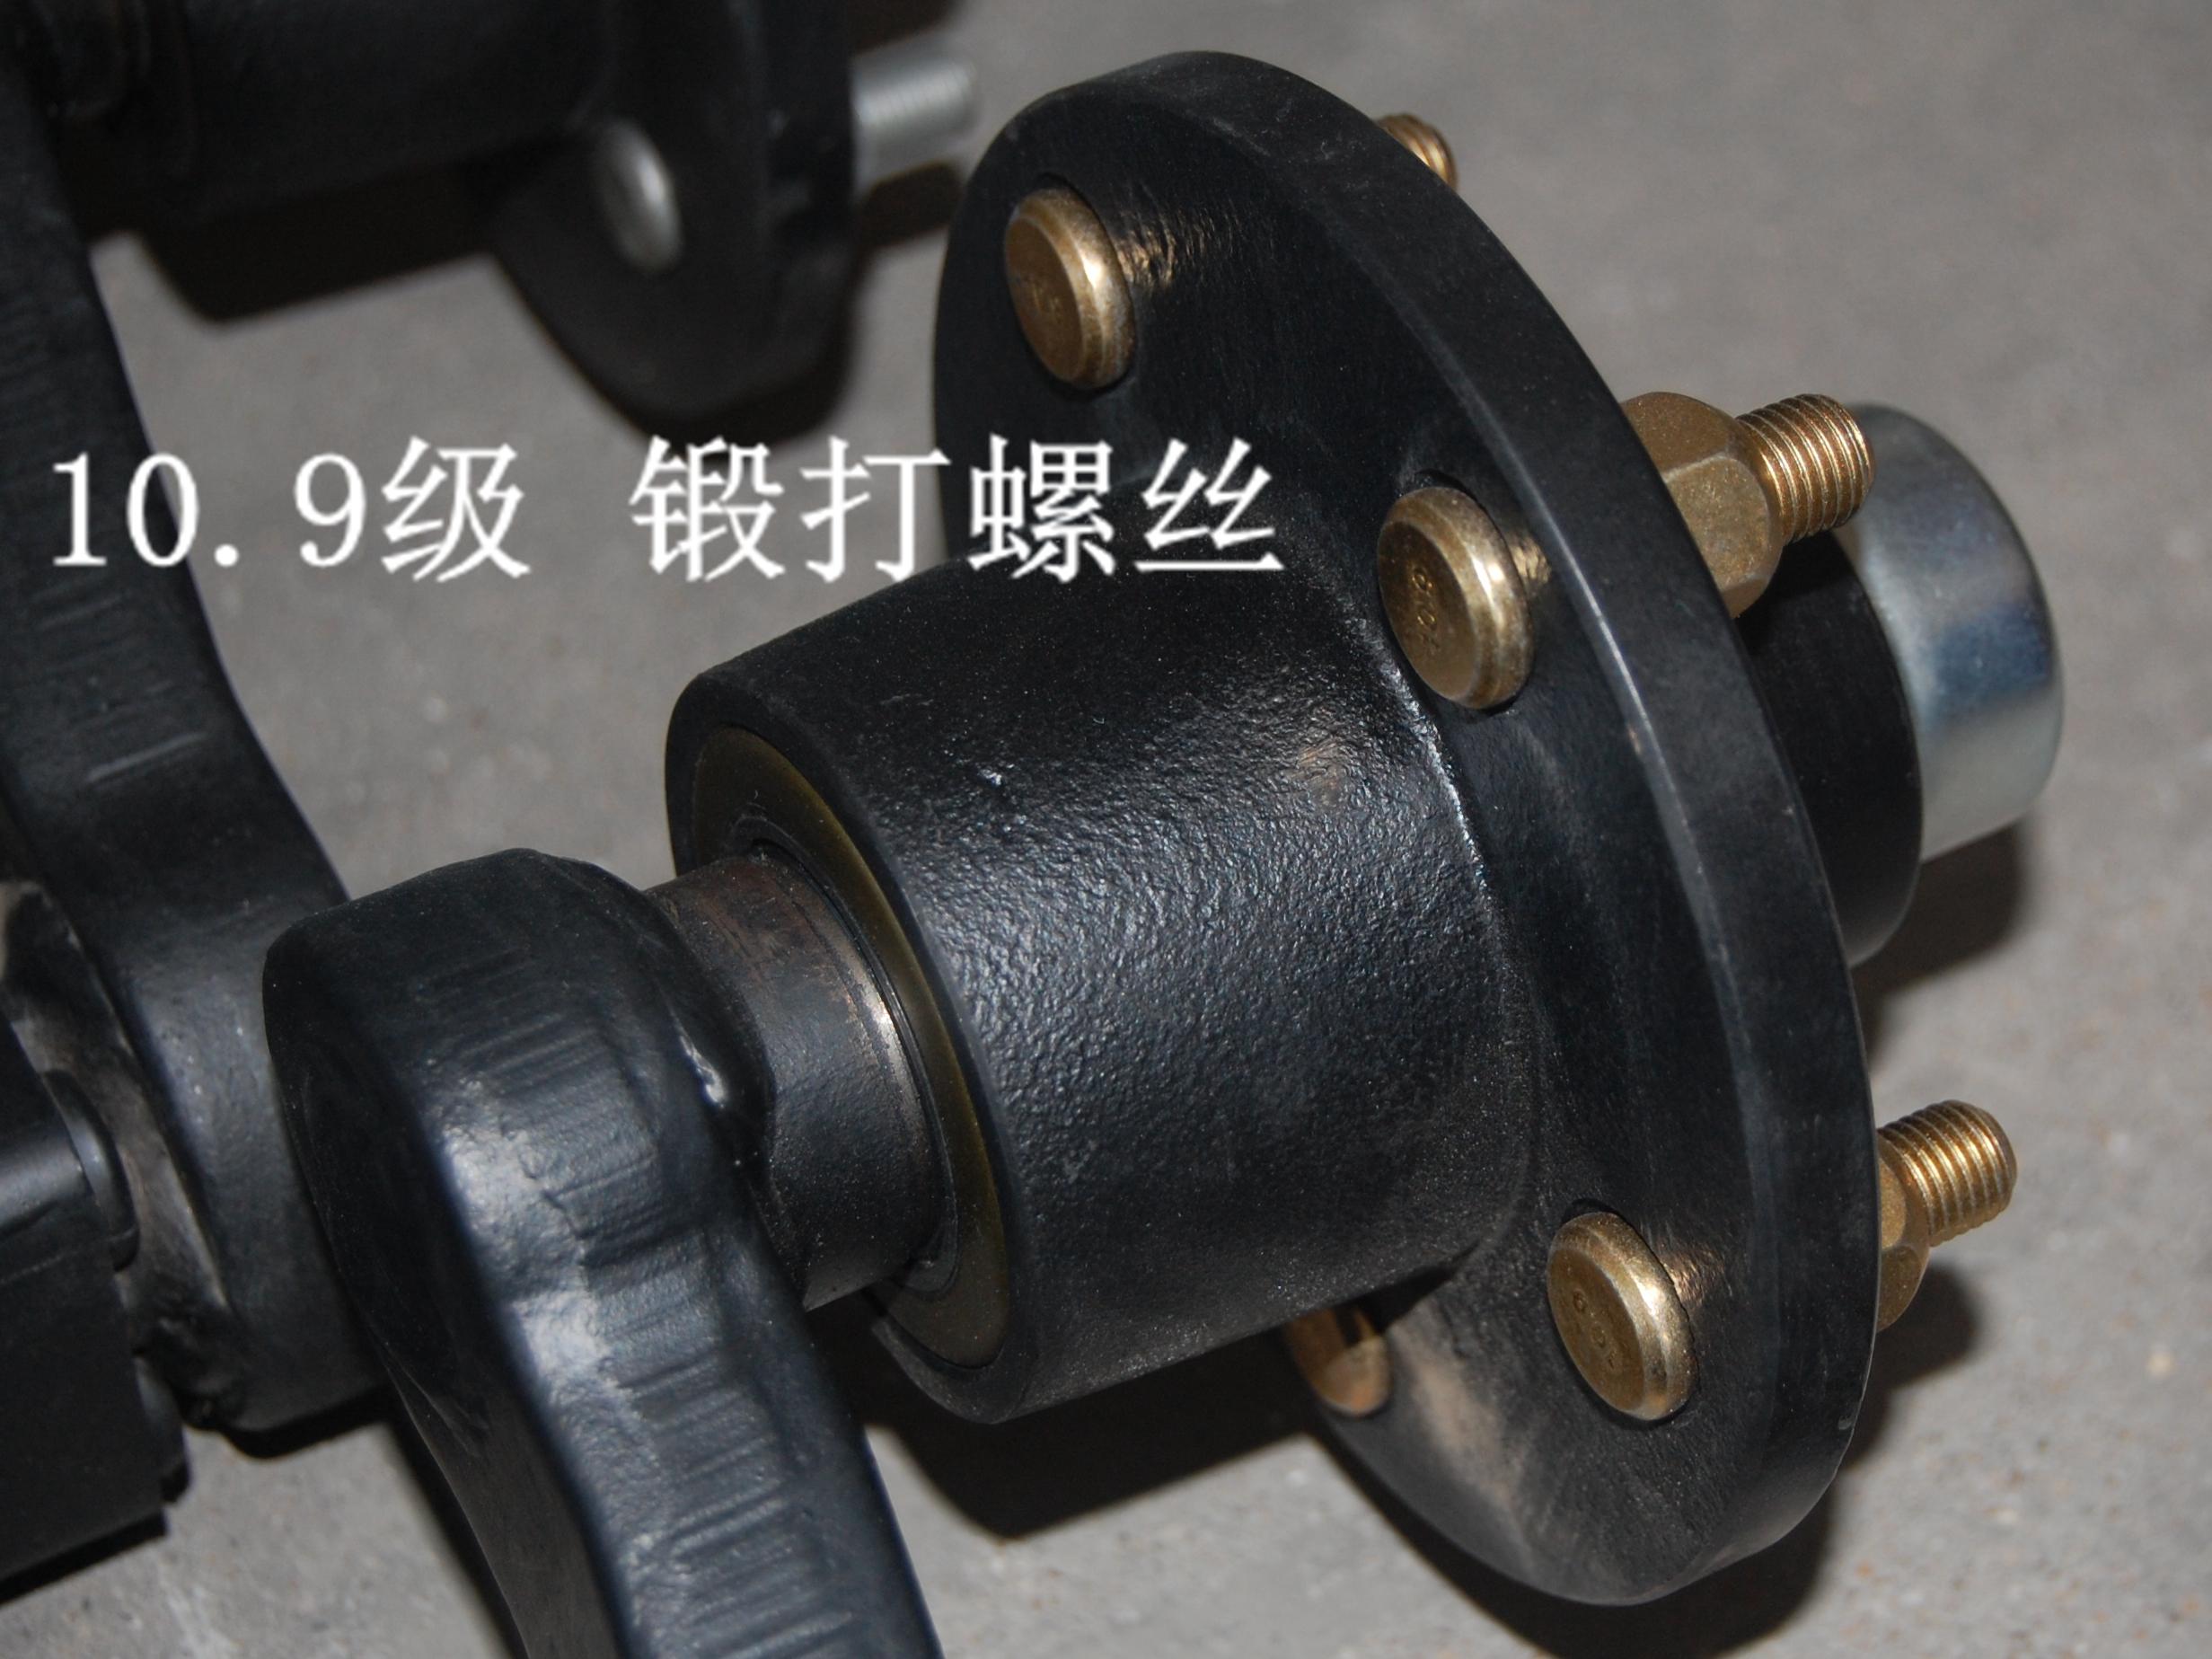 庞巴迪北极星春风UTV房车扭力轴扭力桥拖车轴车桥 拖挂车改装配件